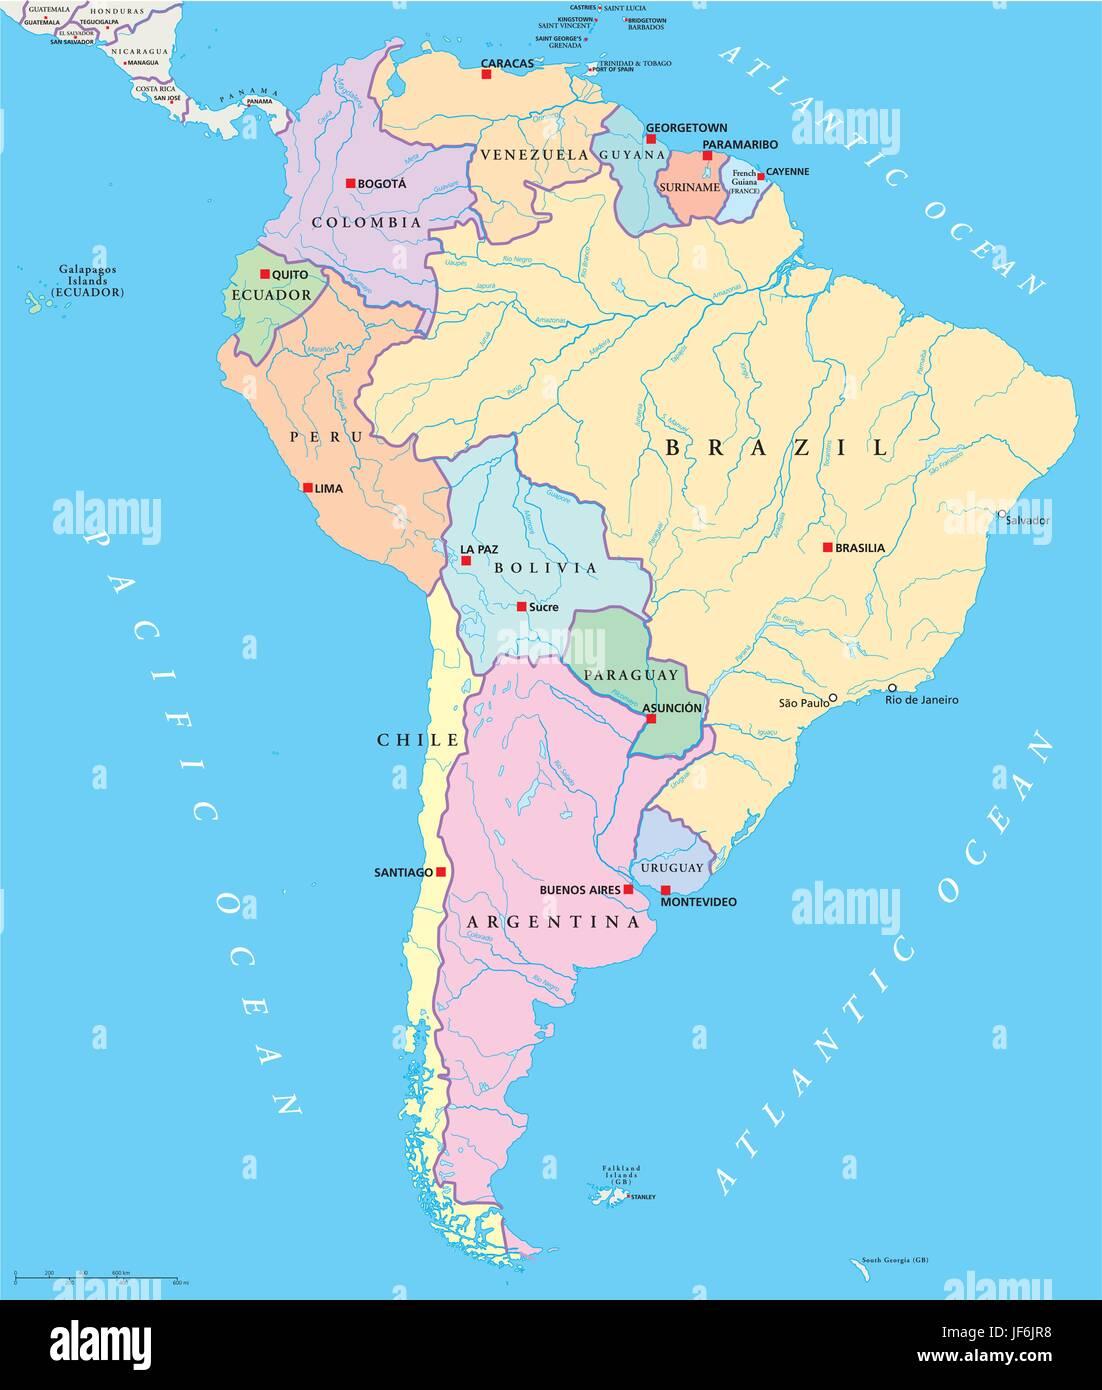 Cartina Geografica Sud America Politica.Politico America Sud America Continente Stati Mappa Atlas